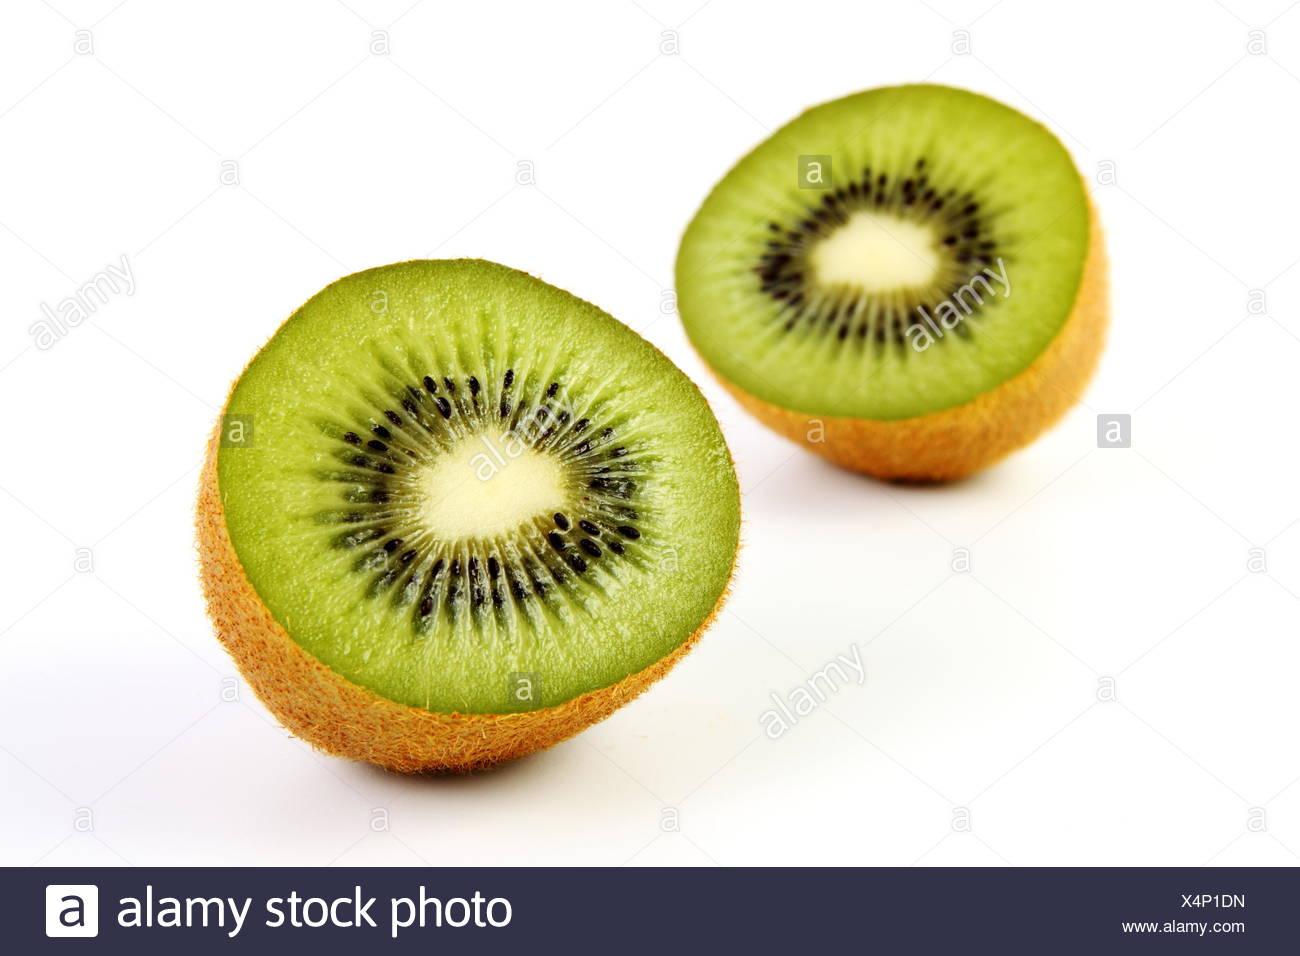 kiwis - kiwi with sliced u200bu200bkiwi half Stock Photo